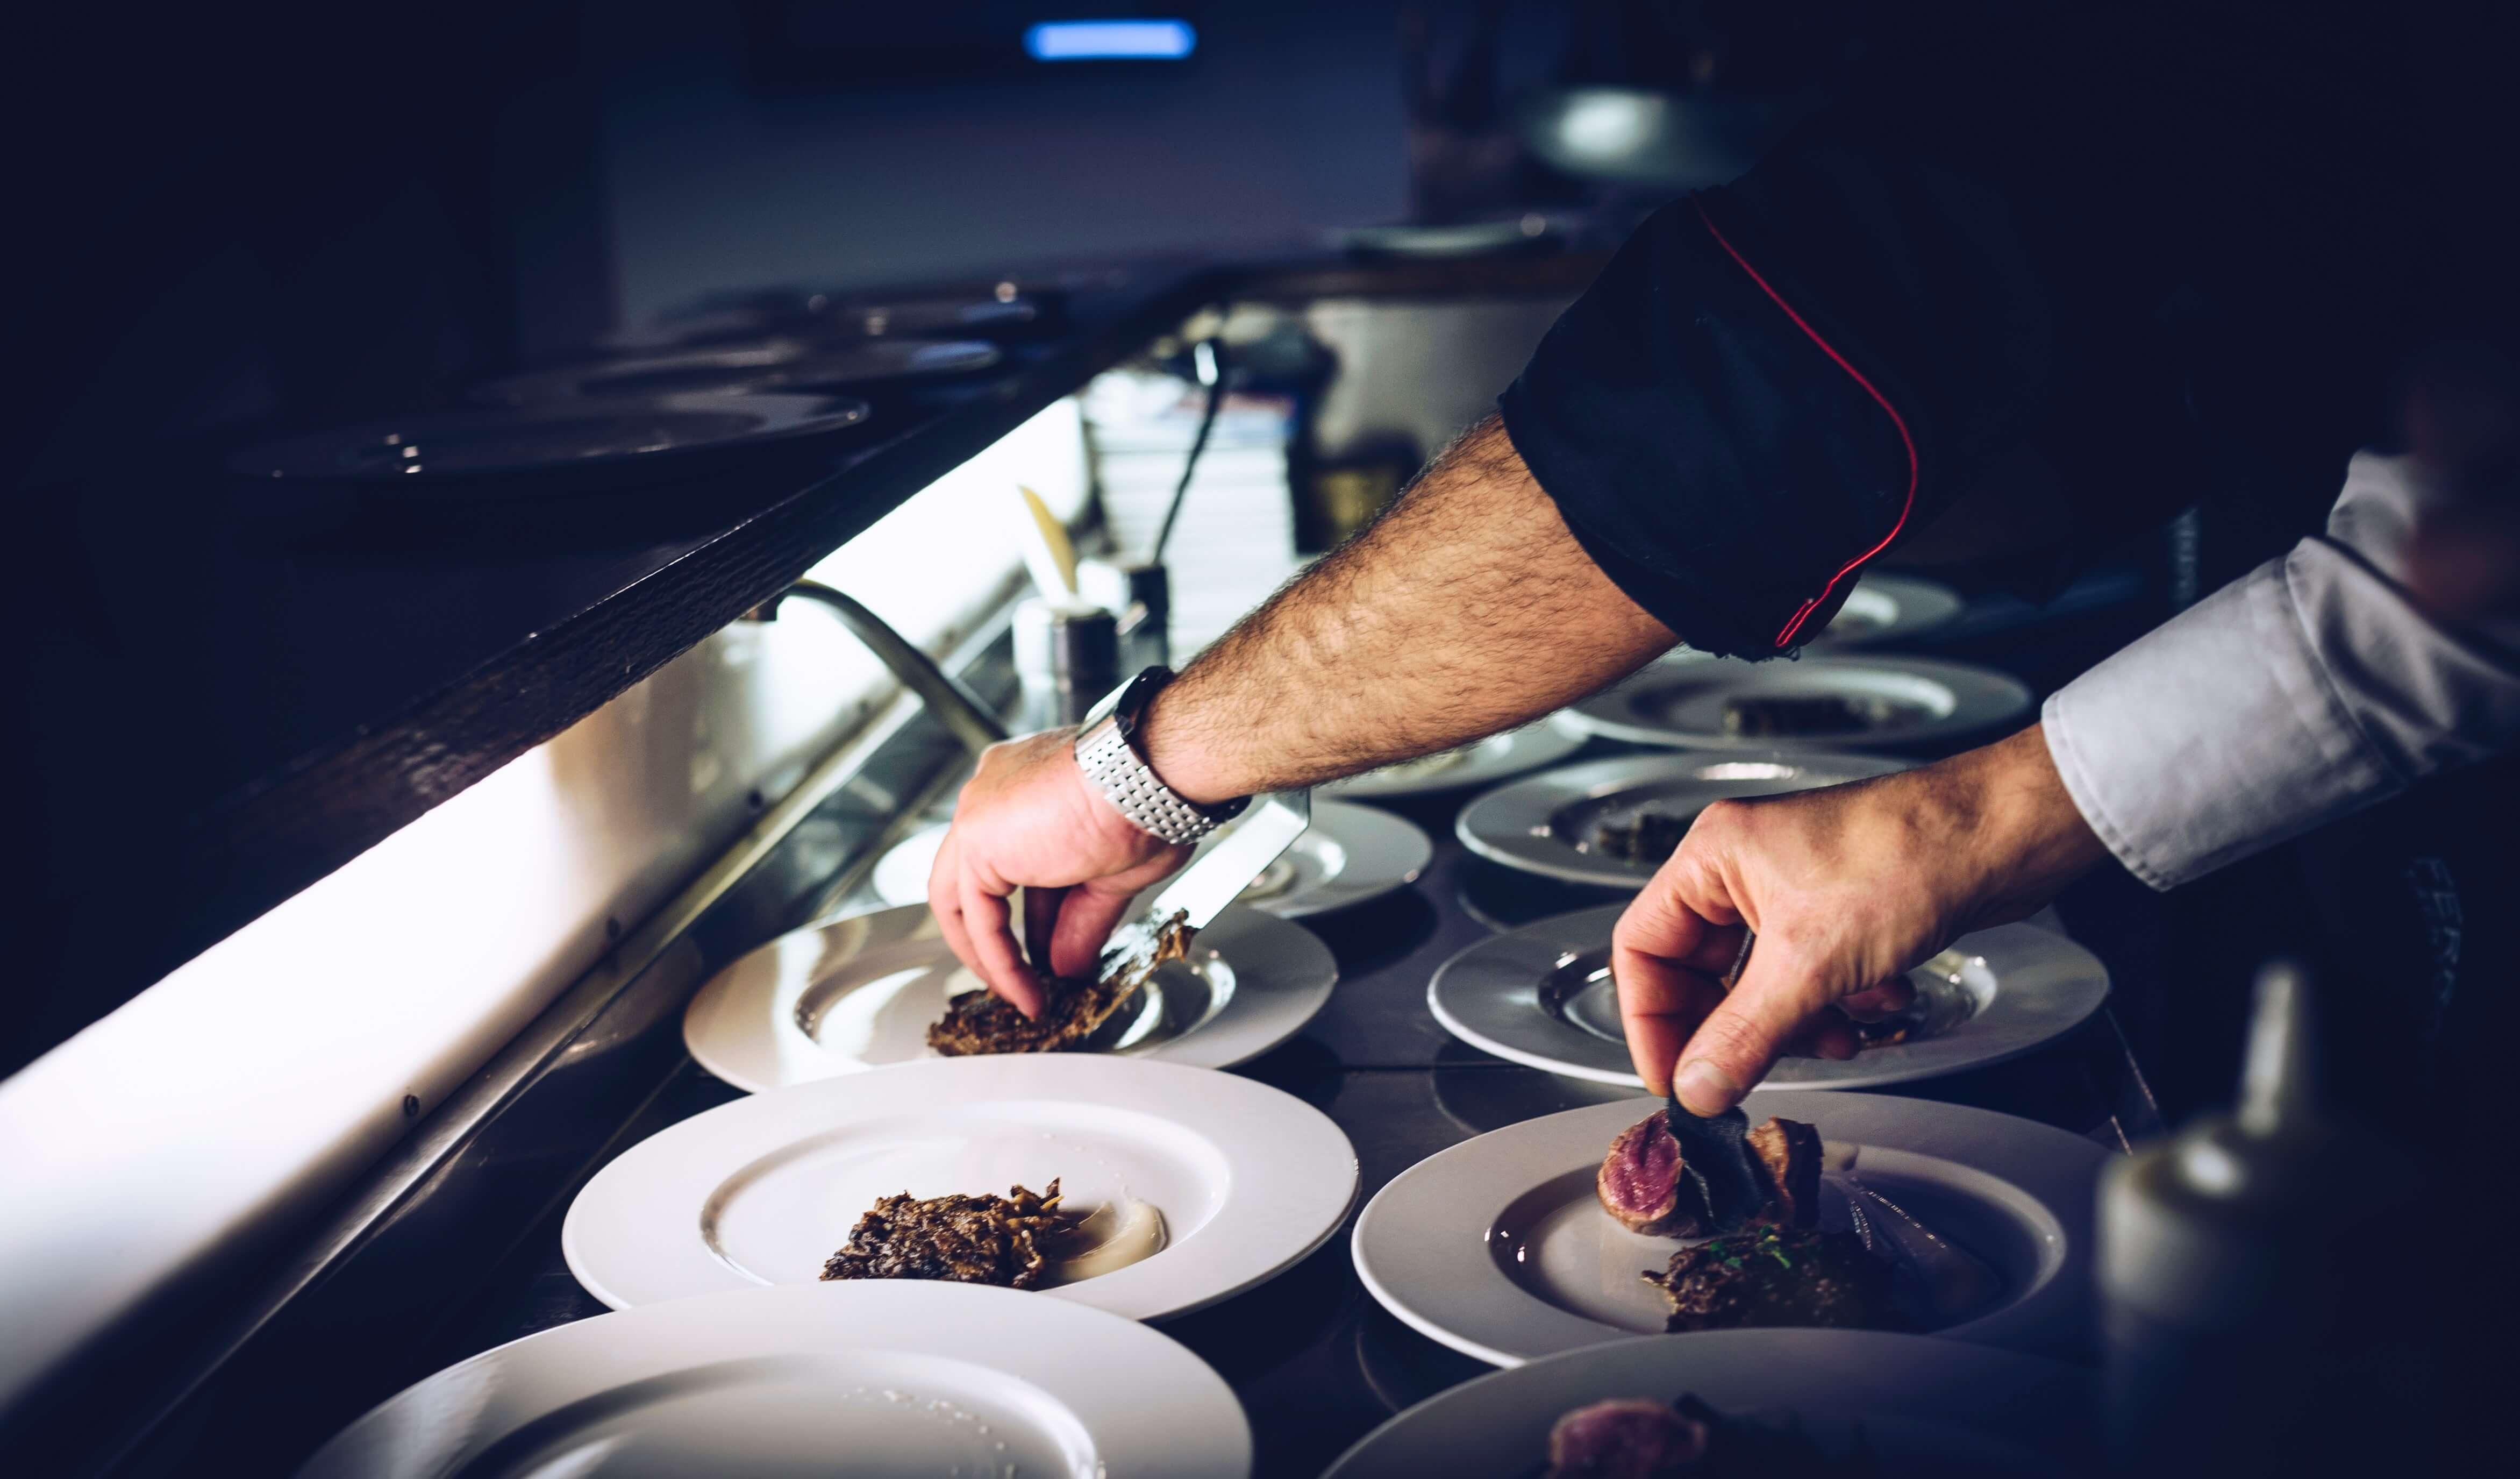 preparing michelin star restaurant meals in spain